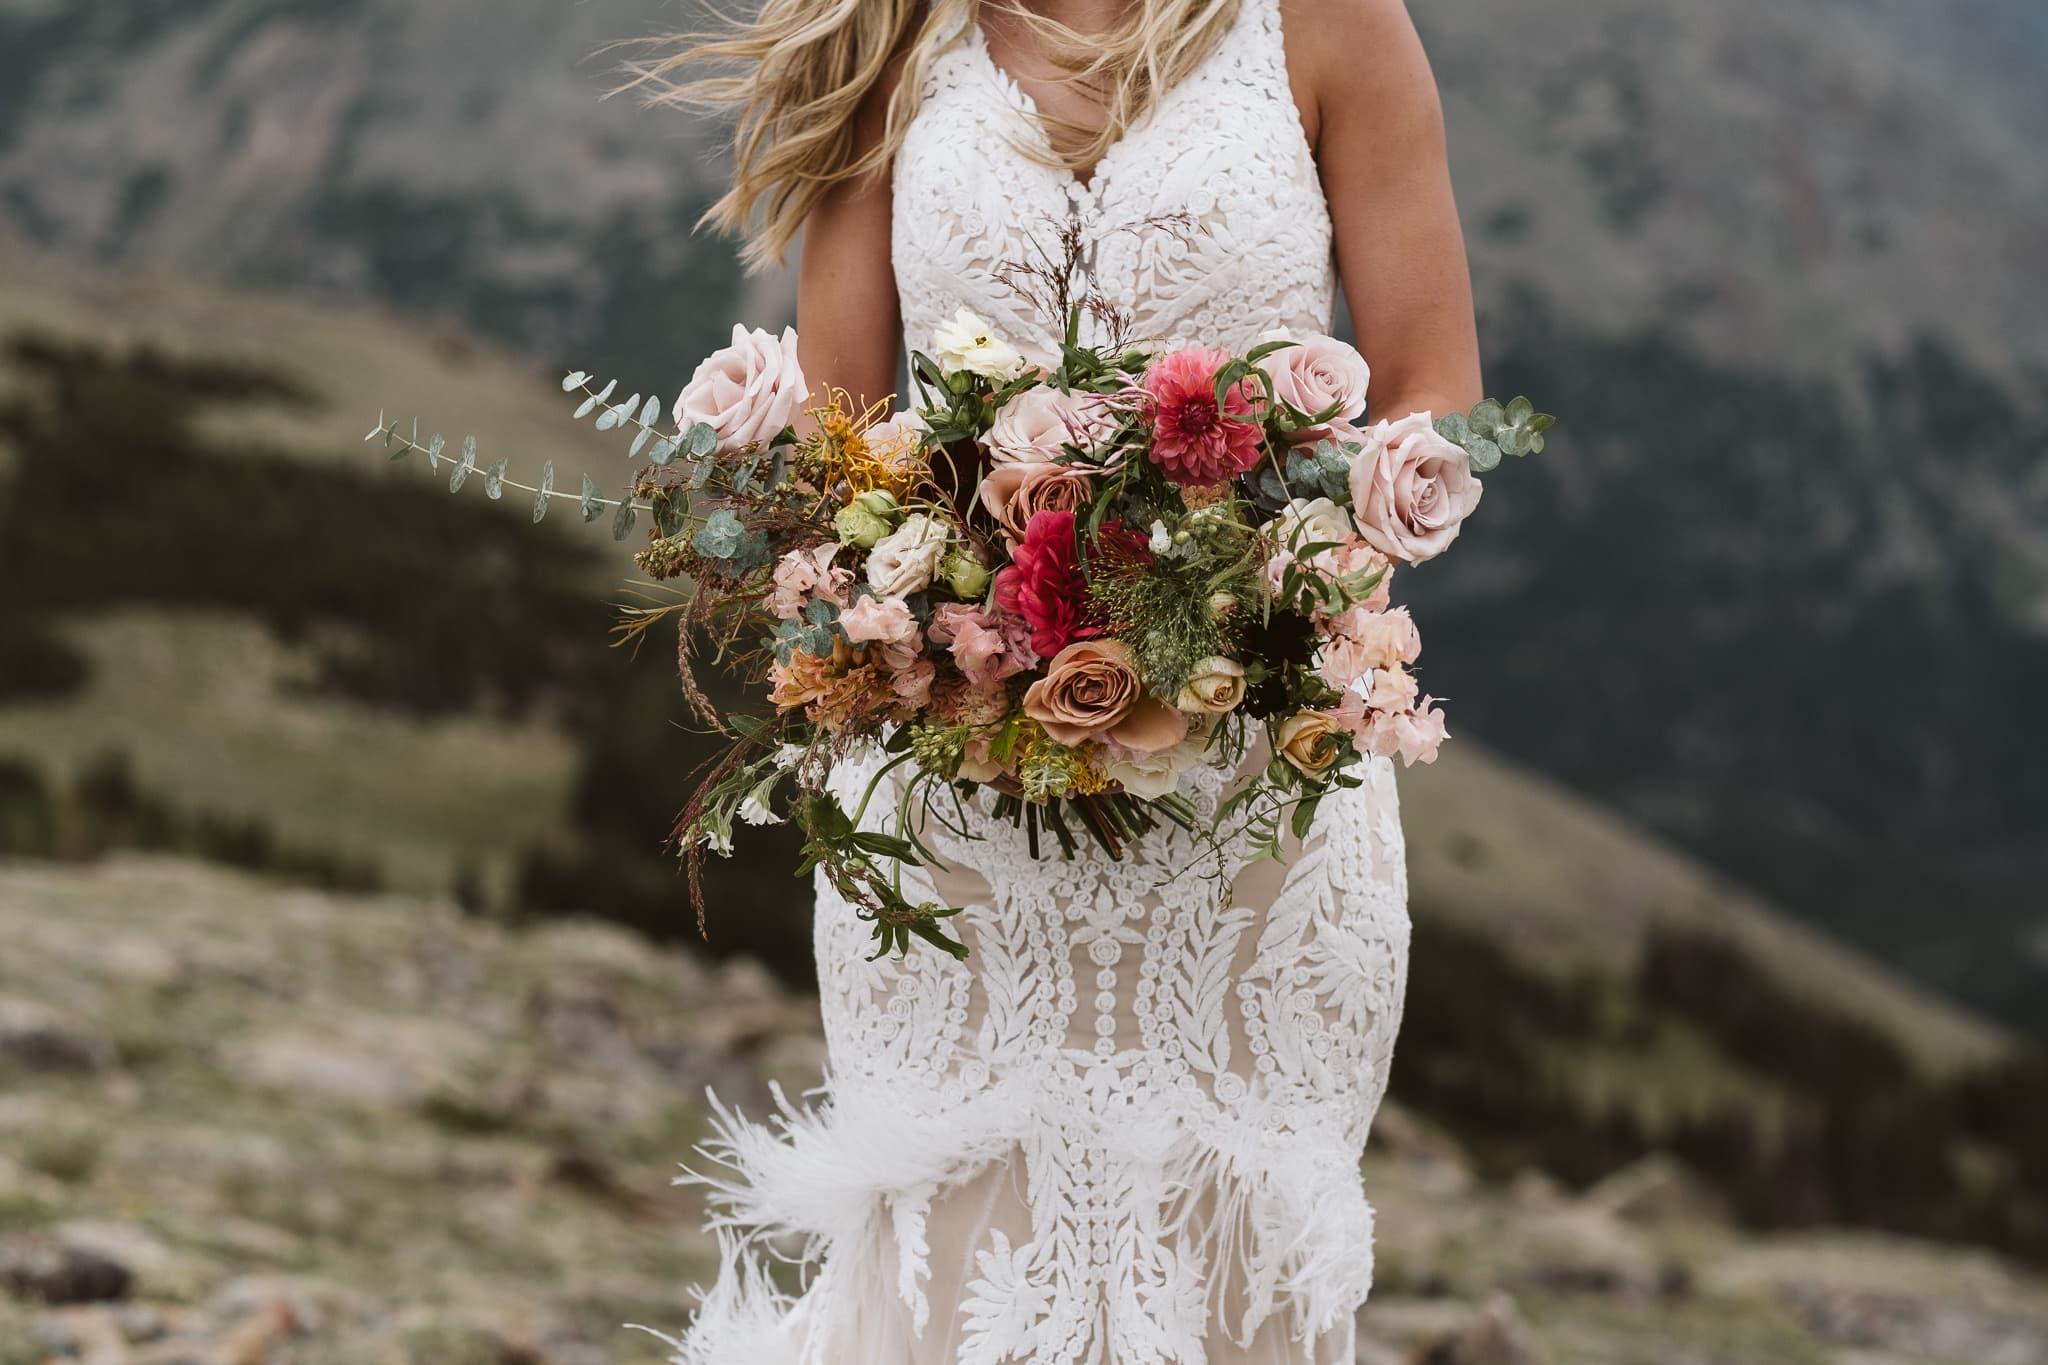 Bouquet by a florae